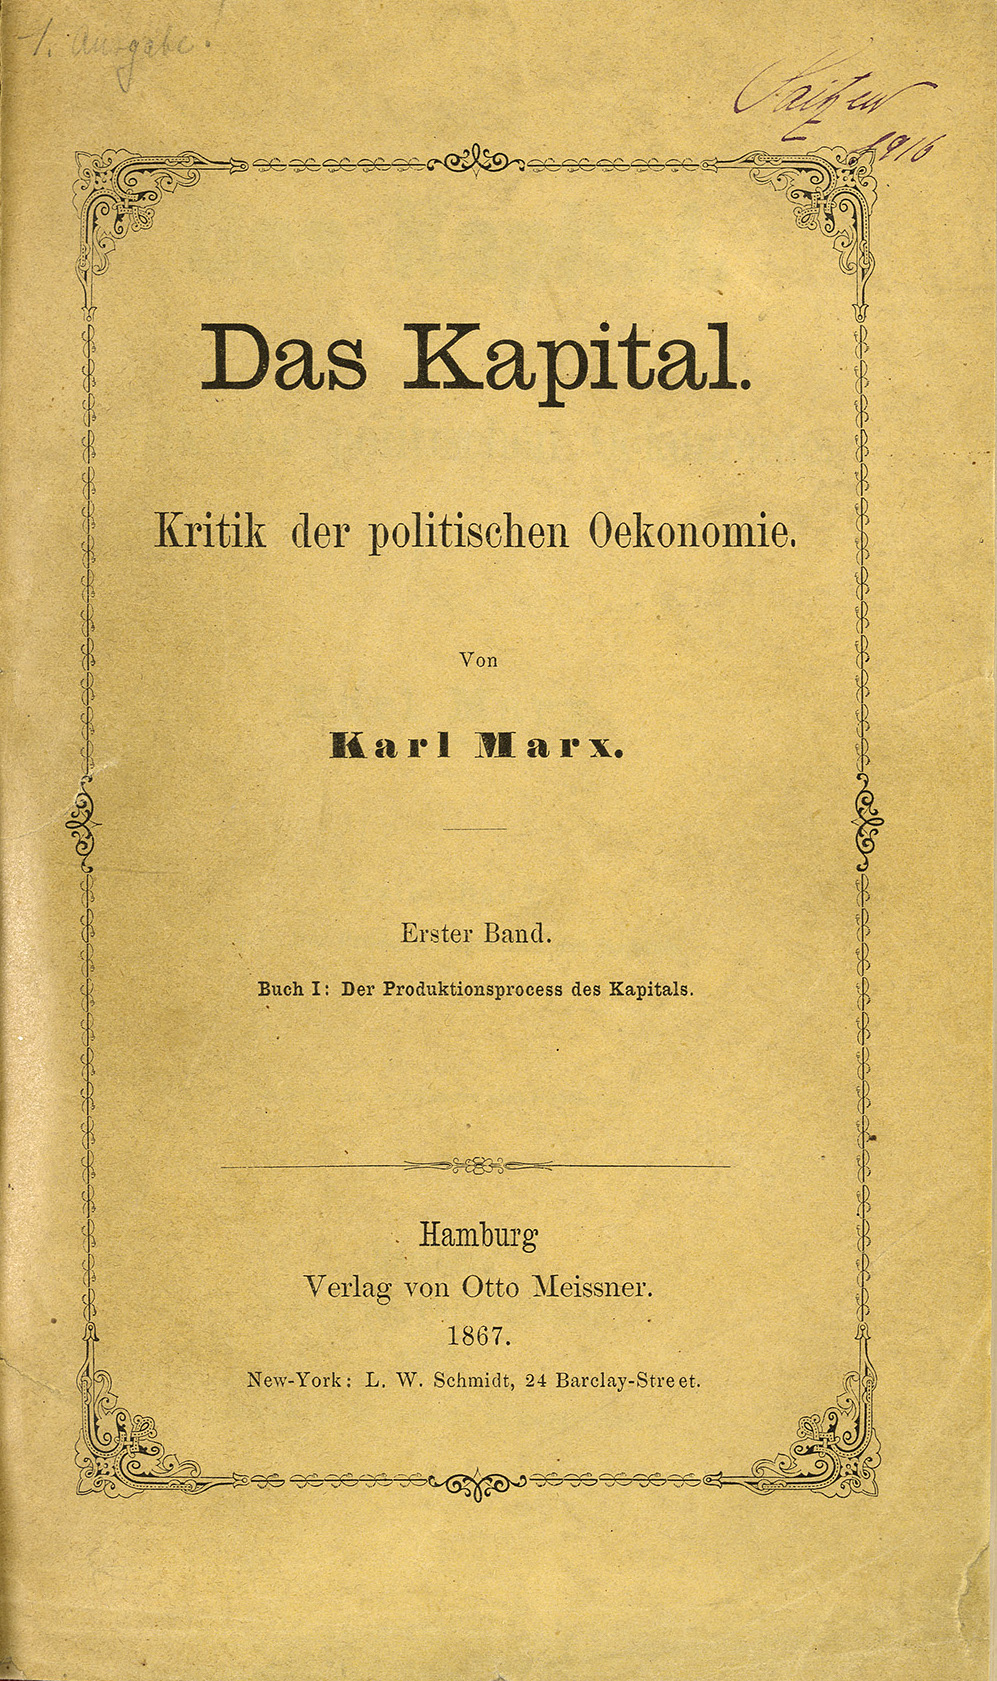 zentralbibliothek_zurich_das_kapital_marx_1867